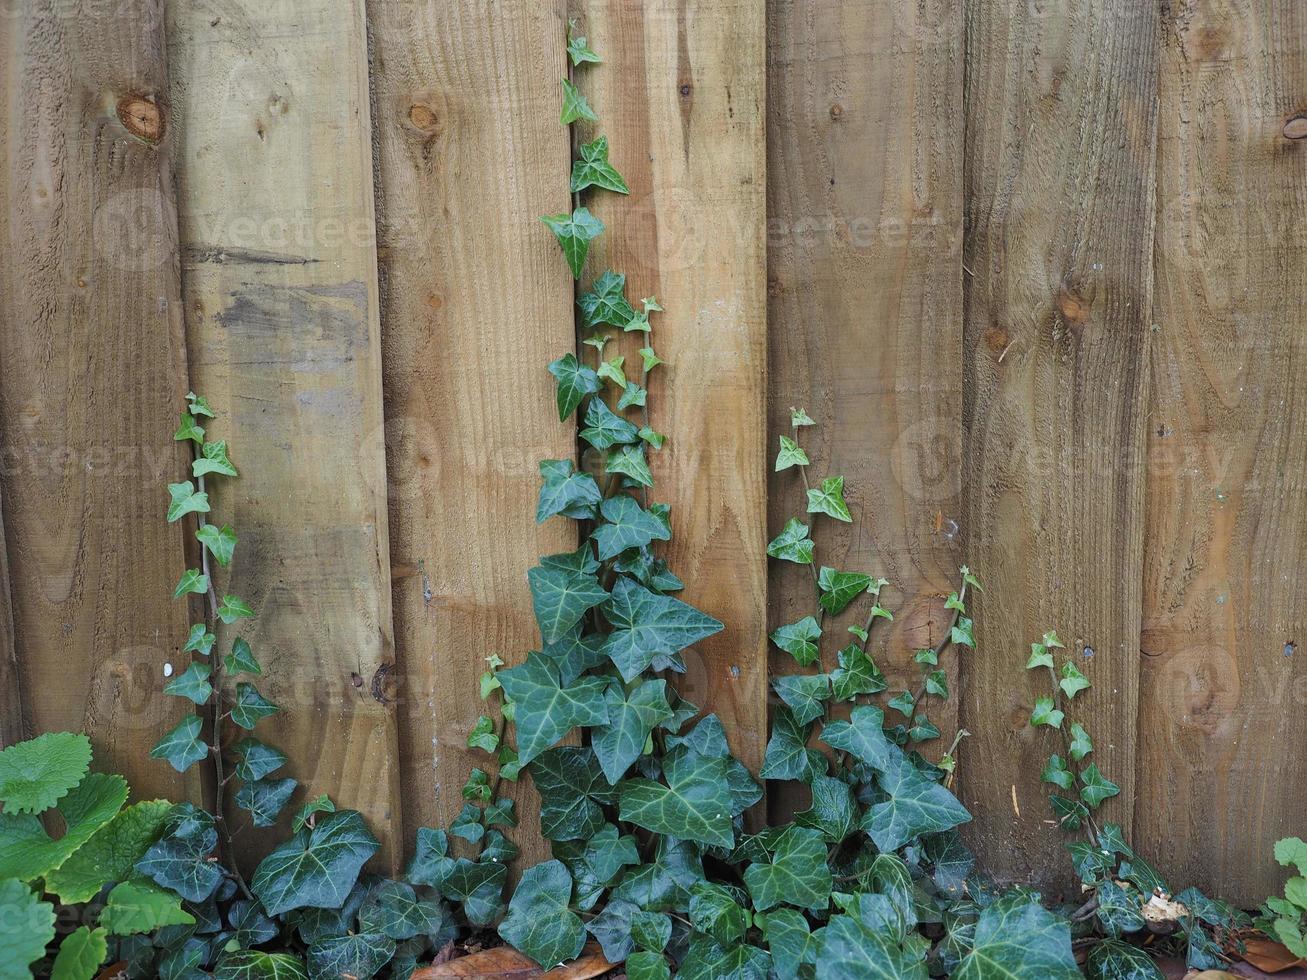 planta ivy em cerca foto